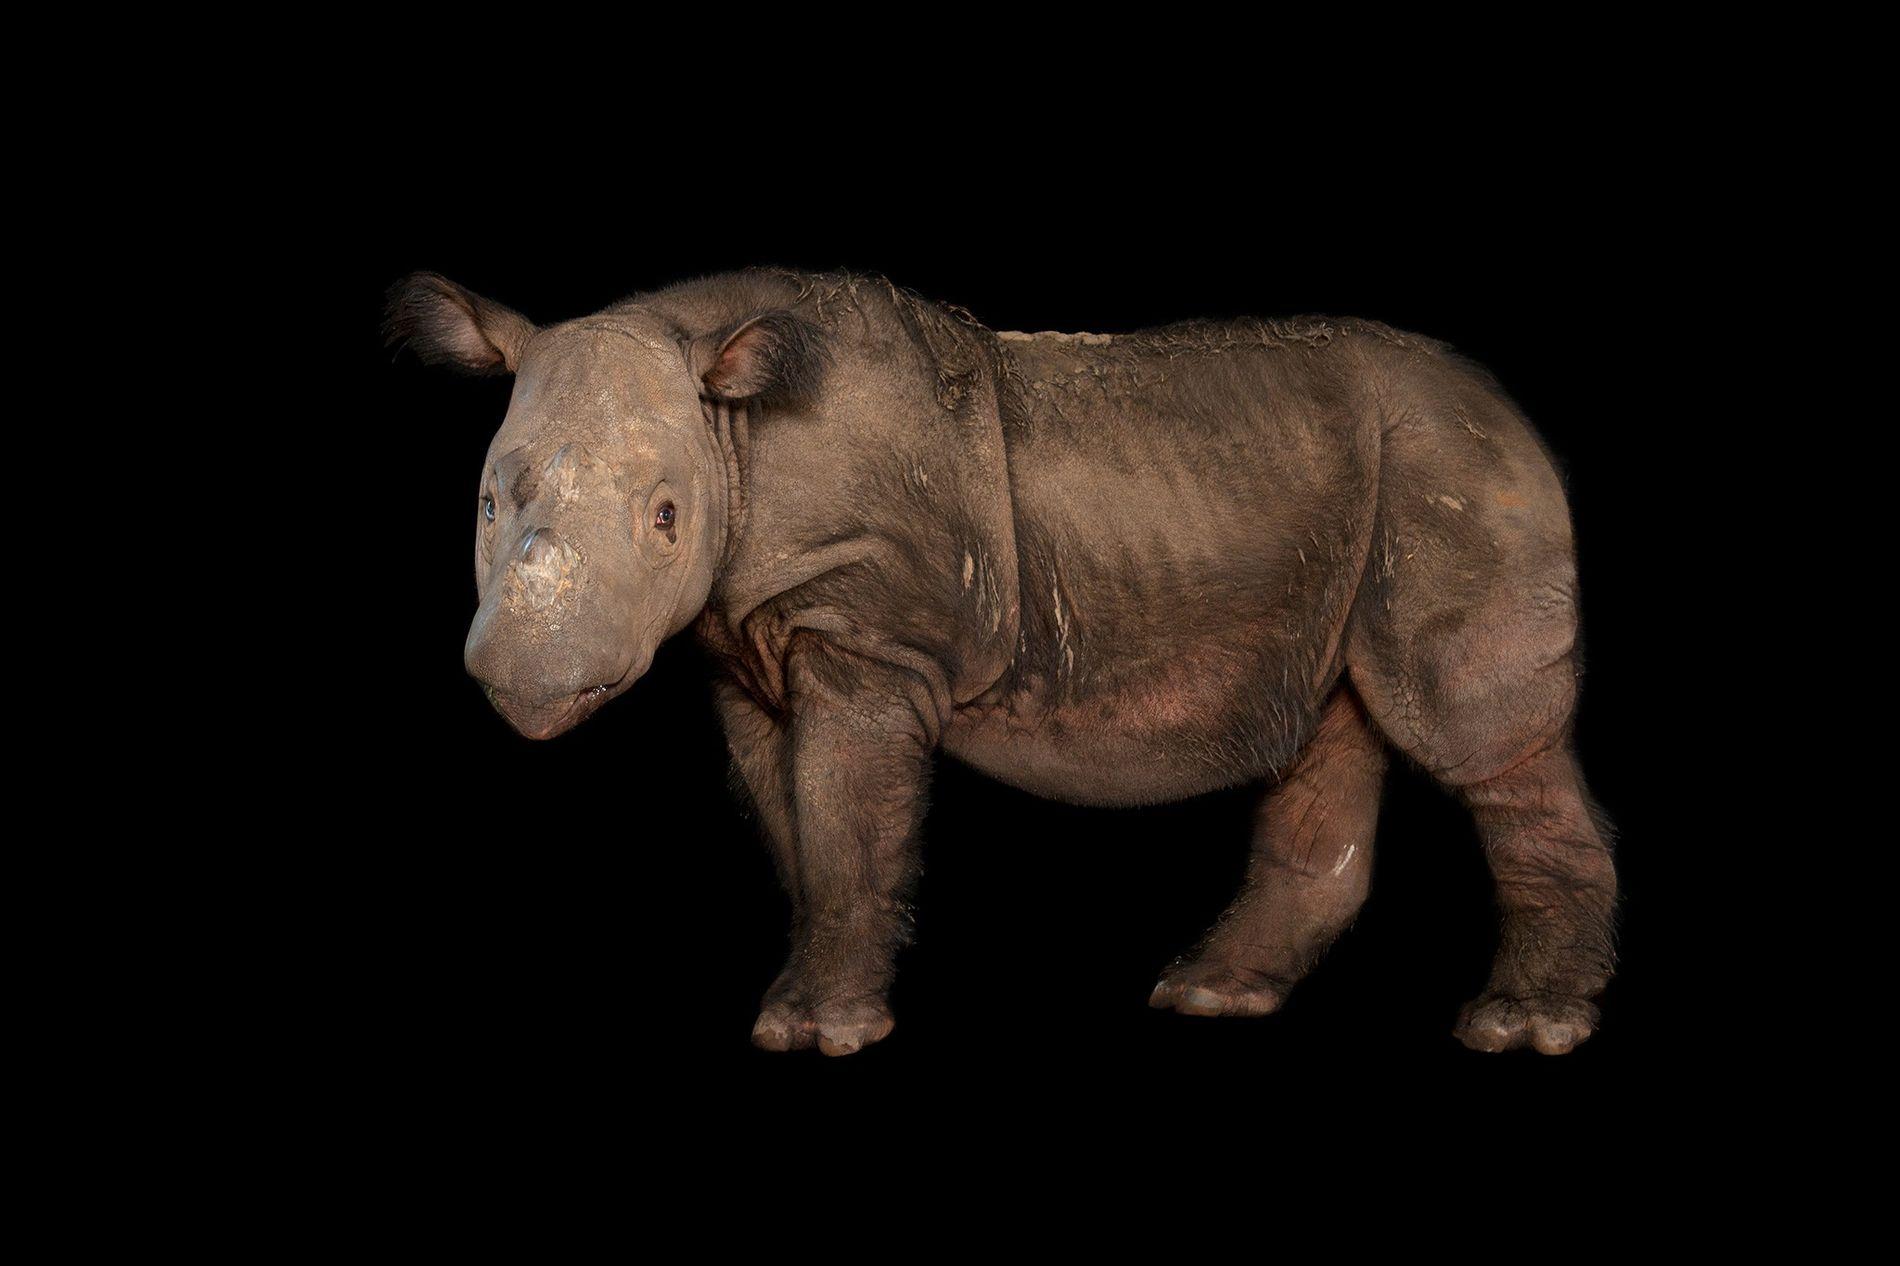 Un rhinocéros mâle du nom de Harapan pose au White Oak Conservation Center de Floride où ...